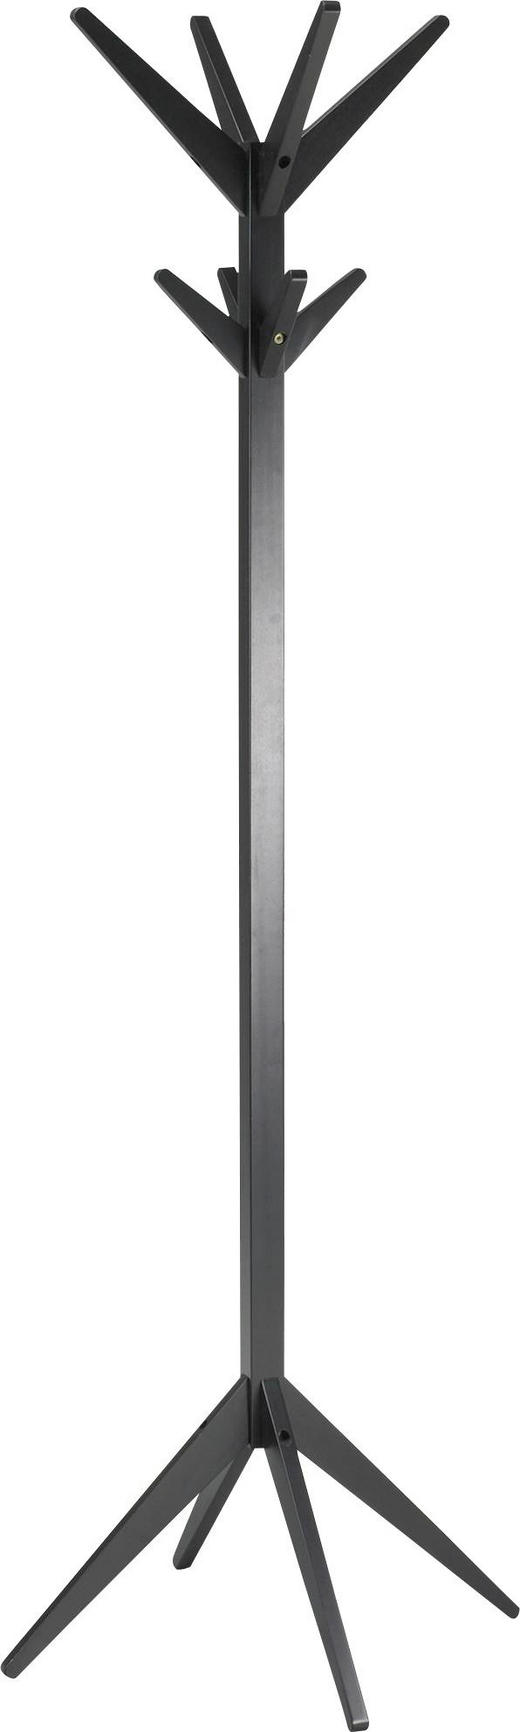 KLEIDERSTÄNDER Schwarz - Schwarz, LIFESTYLE, Holz (45/178/45cm) - Carryhome